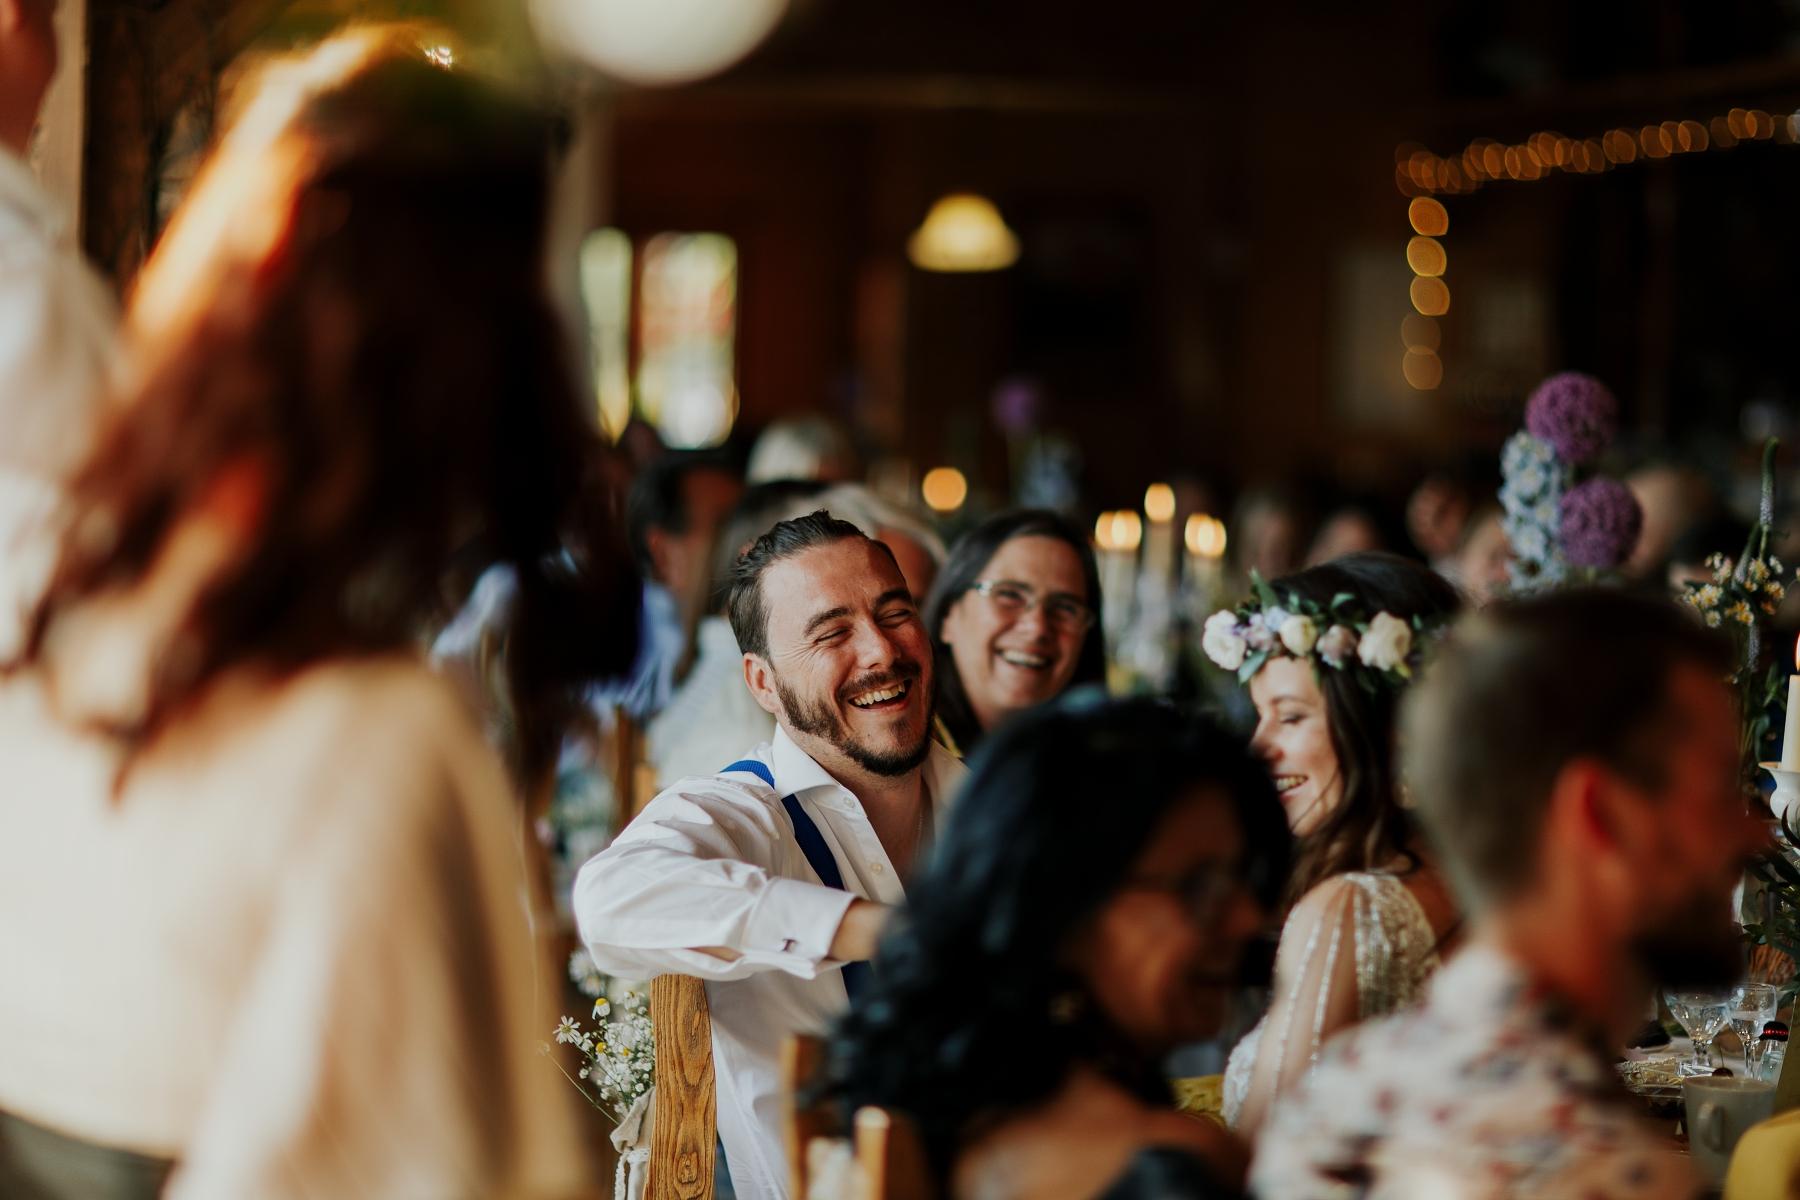 #fotograf-Slovensko, #vychod, #praha, #tatry, #lubos-krahulec, #najlepsi-svadobny-fotografi, #asociácia-fotografov, #fotograf-tatry, #fotenie-v-tatrach, #svadba-v-prirode, #kameraman, #na-svadbu, #svadobne-saty, #kytica, #presov, #kosice, #poprad, #cech-fotografov,  #wedding-photographer, #krahulec, #v-prahe, #bratislava, #zvolen, #zilina, #trencin, #na-svadbe,